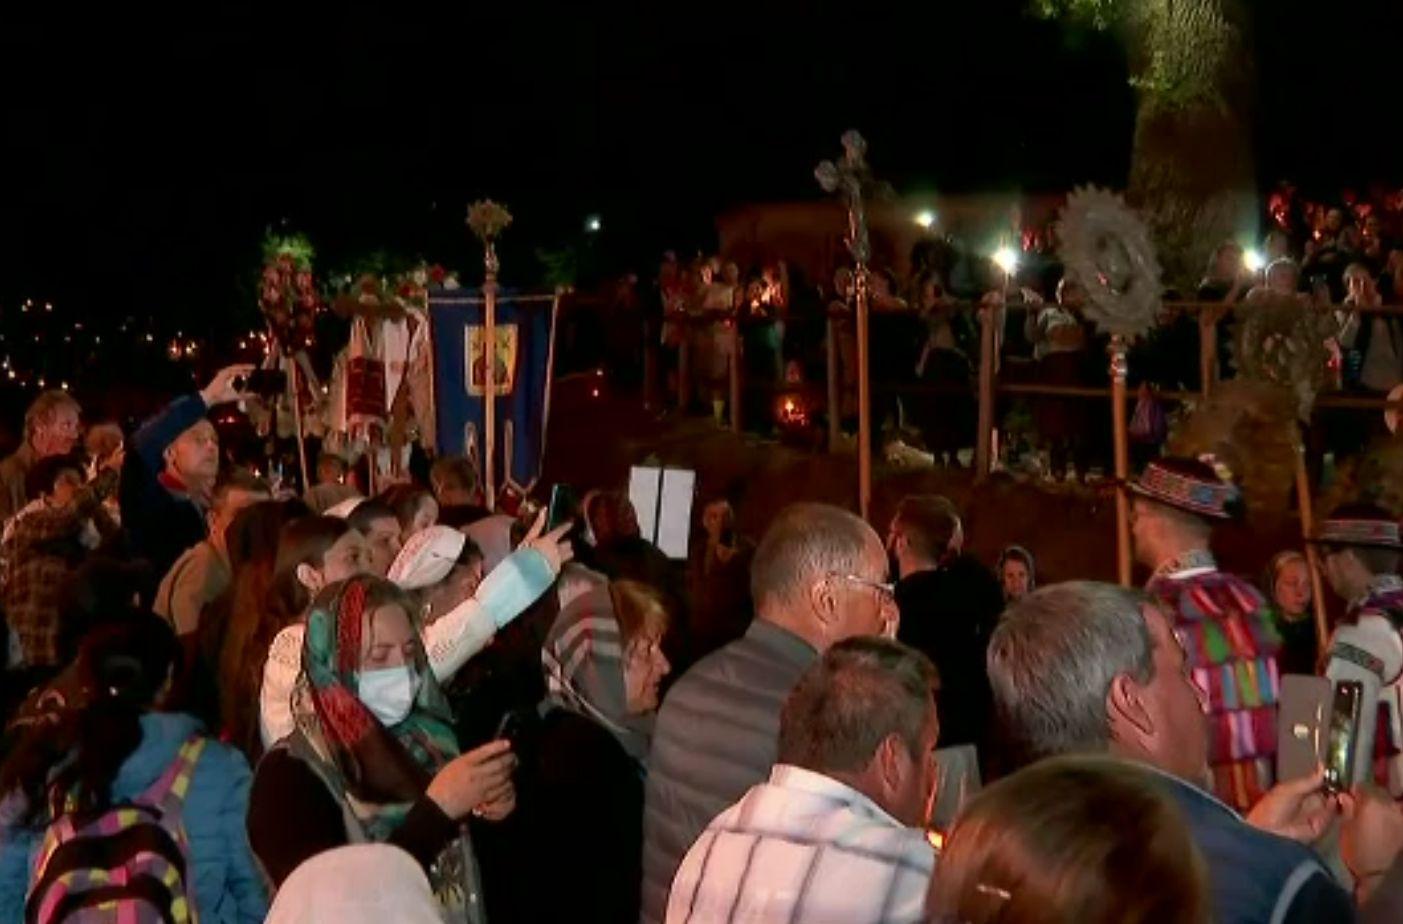 S-a încheiat pelerinajul la Mănăstirea Nicula. Icoana Maicii Domnului, înconjurată de zeci de mii de credincioși